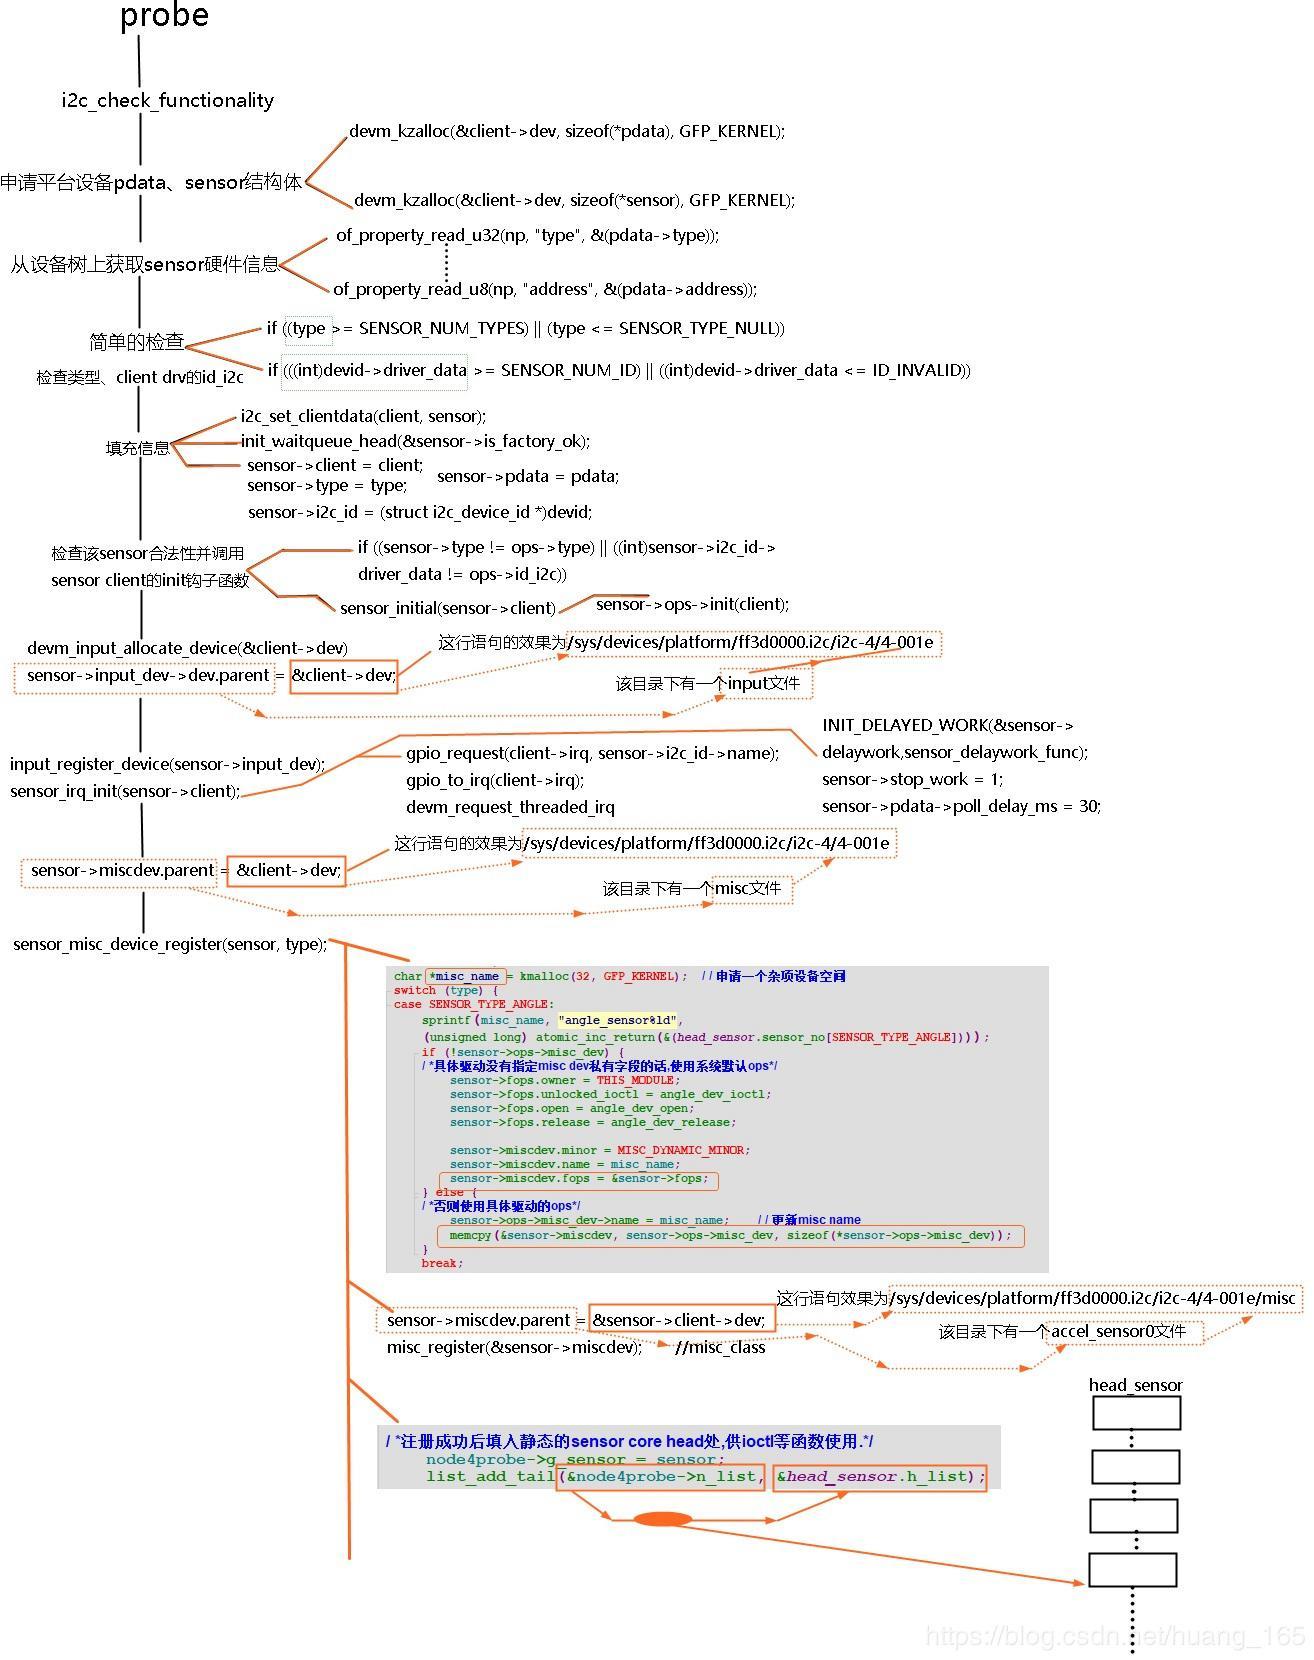 Analyze and improve the rockchip sensor core framework